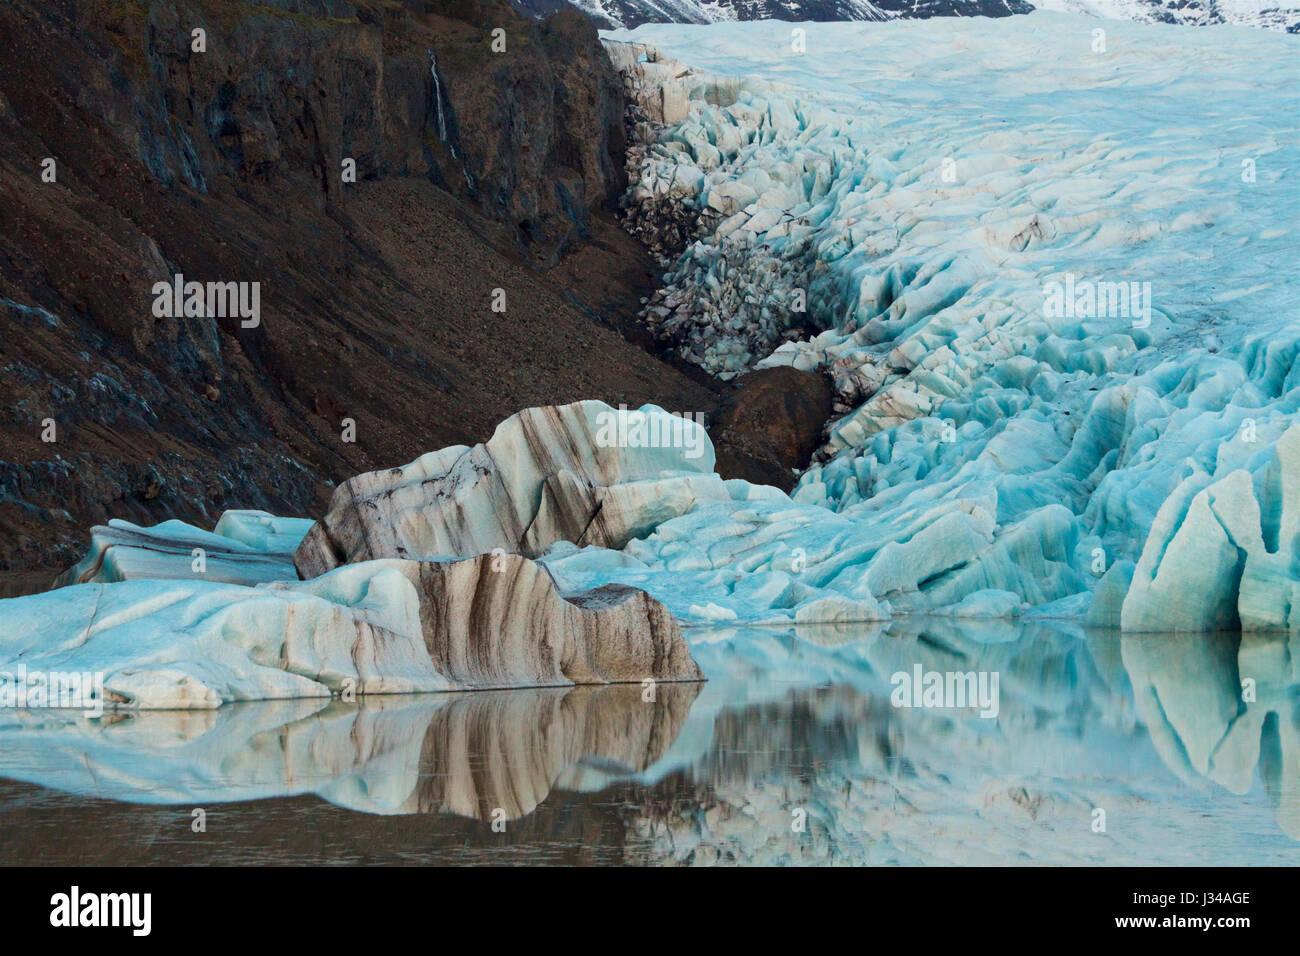 Die schroffen Formen der Gletschereis, mit seiner charakteristischen Kobaltblau. Vatnajökull-Gletscher, Island. Stockbild